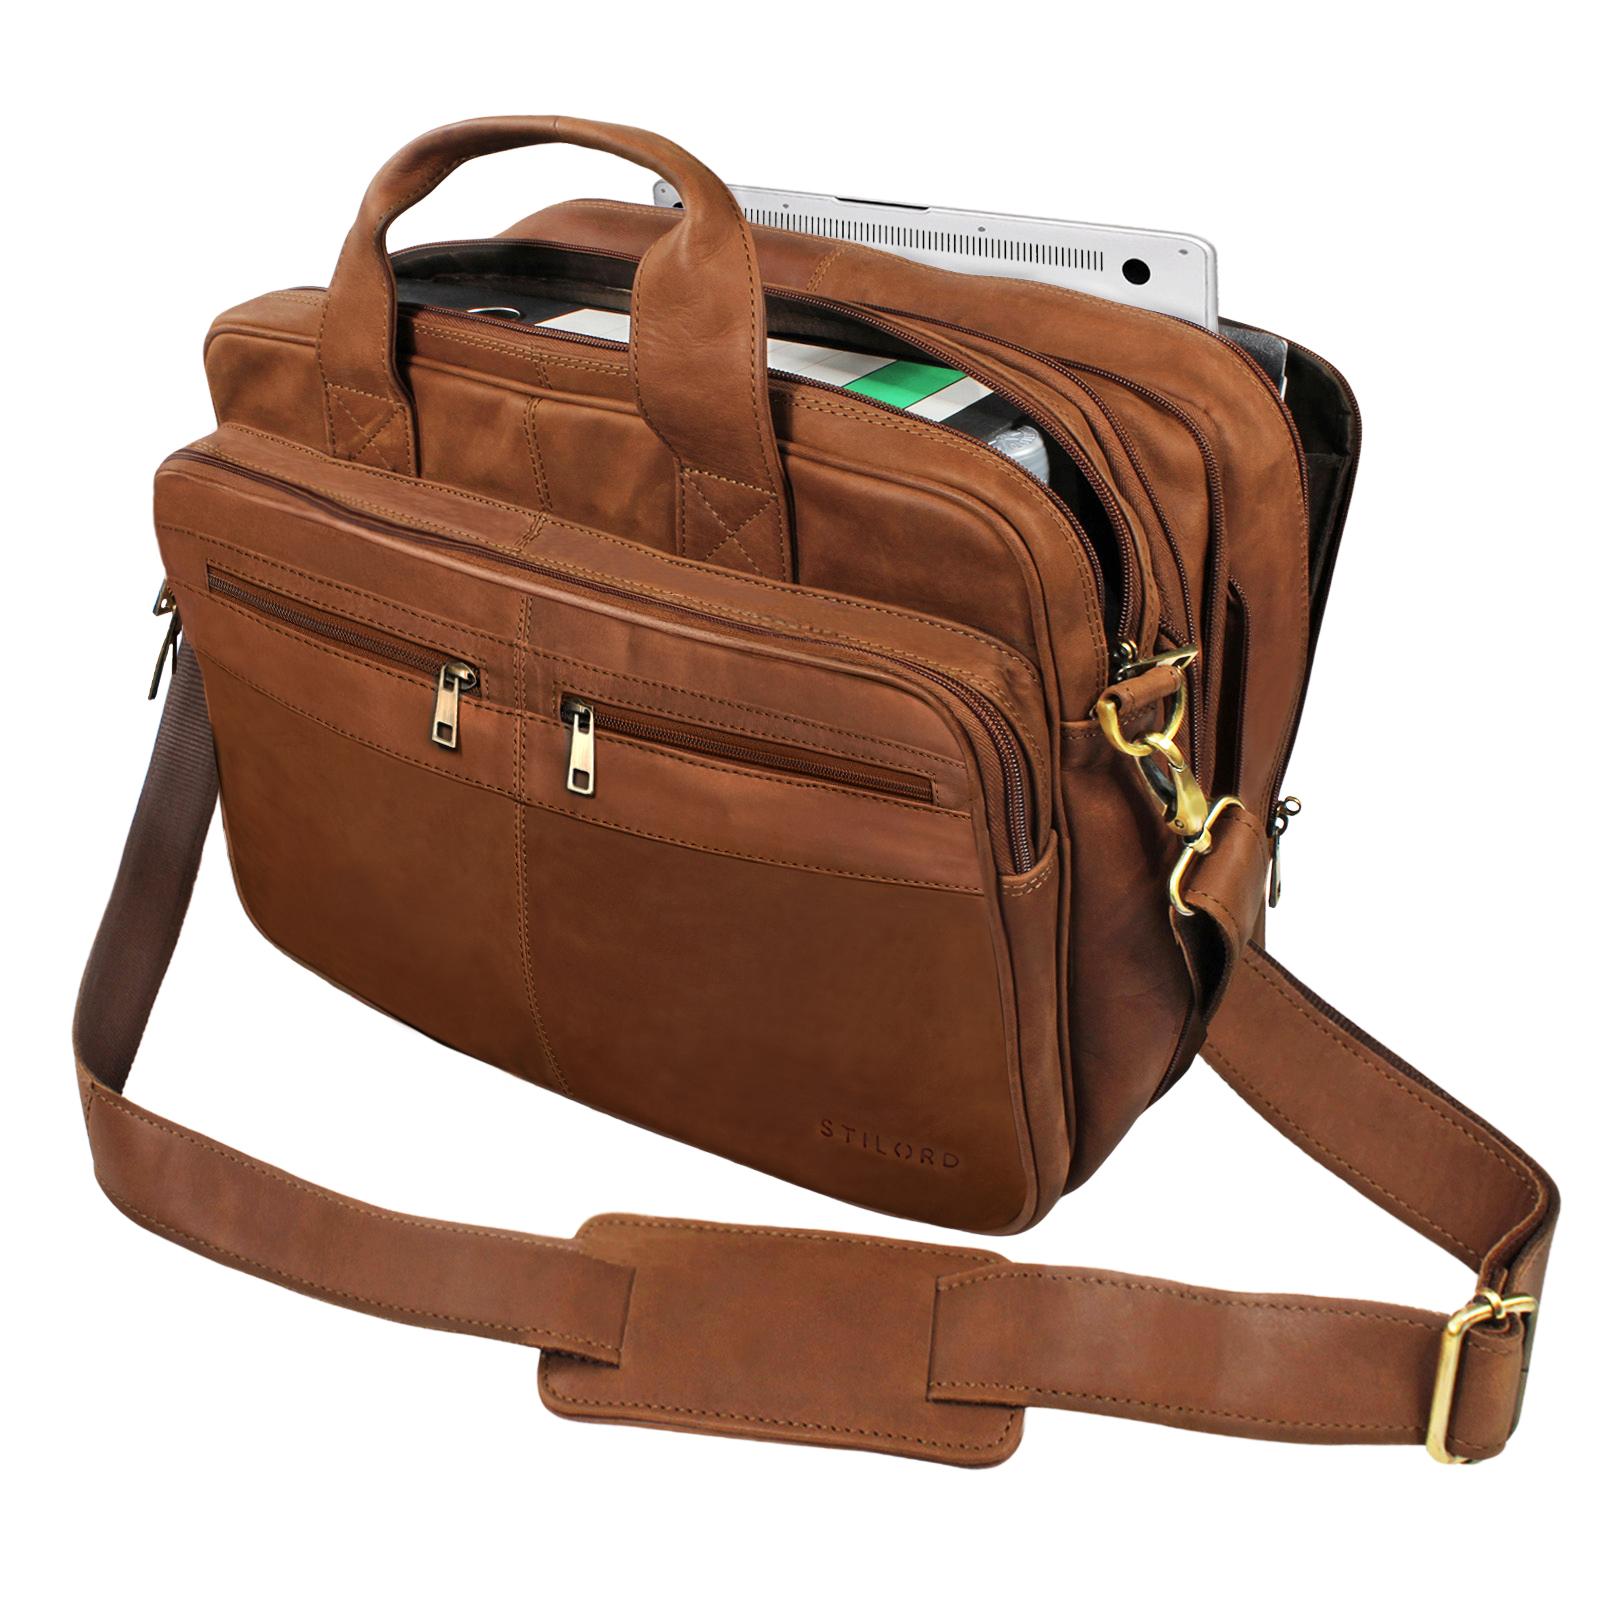 stilord alexander lehrertasche herren leder braun aktentasche laptoptasche b rotasche. Black Bedroom Furniture Sets. Home Design Ideas